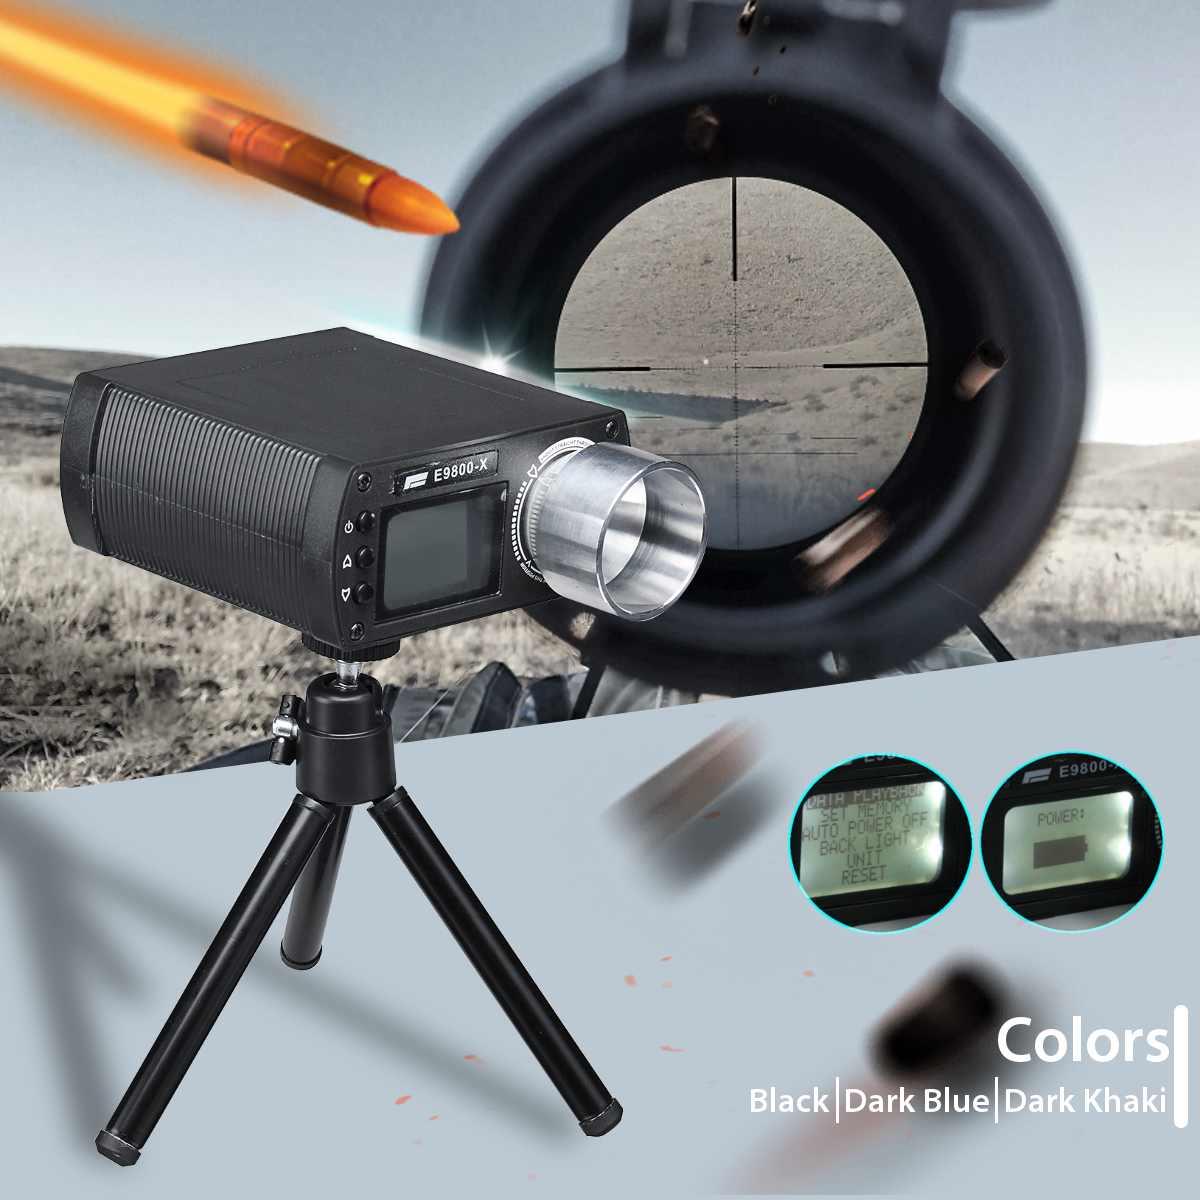 E9800-X Airsoft BB testeur de vitesse de prise de vue haute précision chronographe de prise de vue-10C à 50C écran LCD 0-500J tir-énergie cinétique